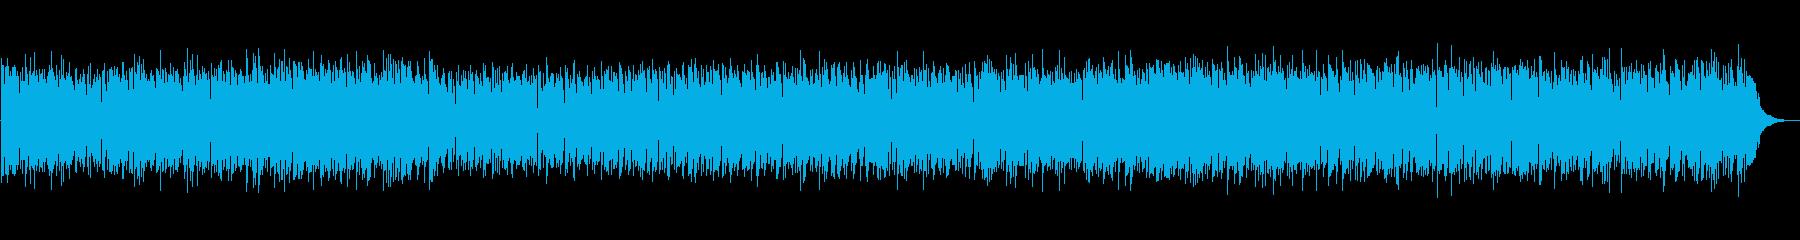 ほのぼのしたボサノバの再生済みの波形